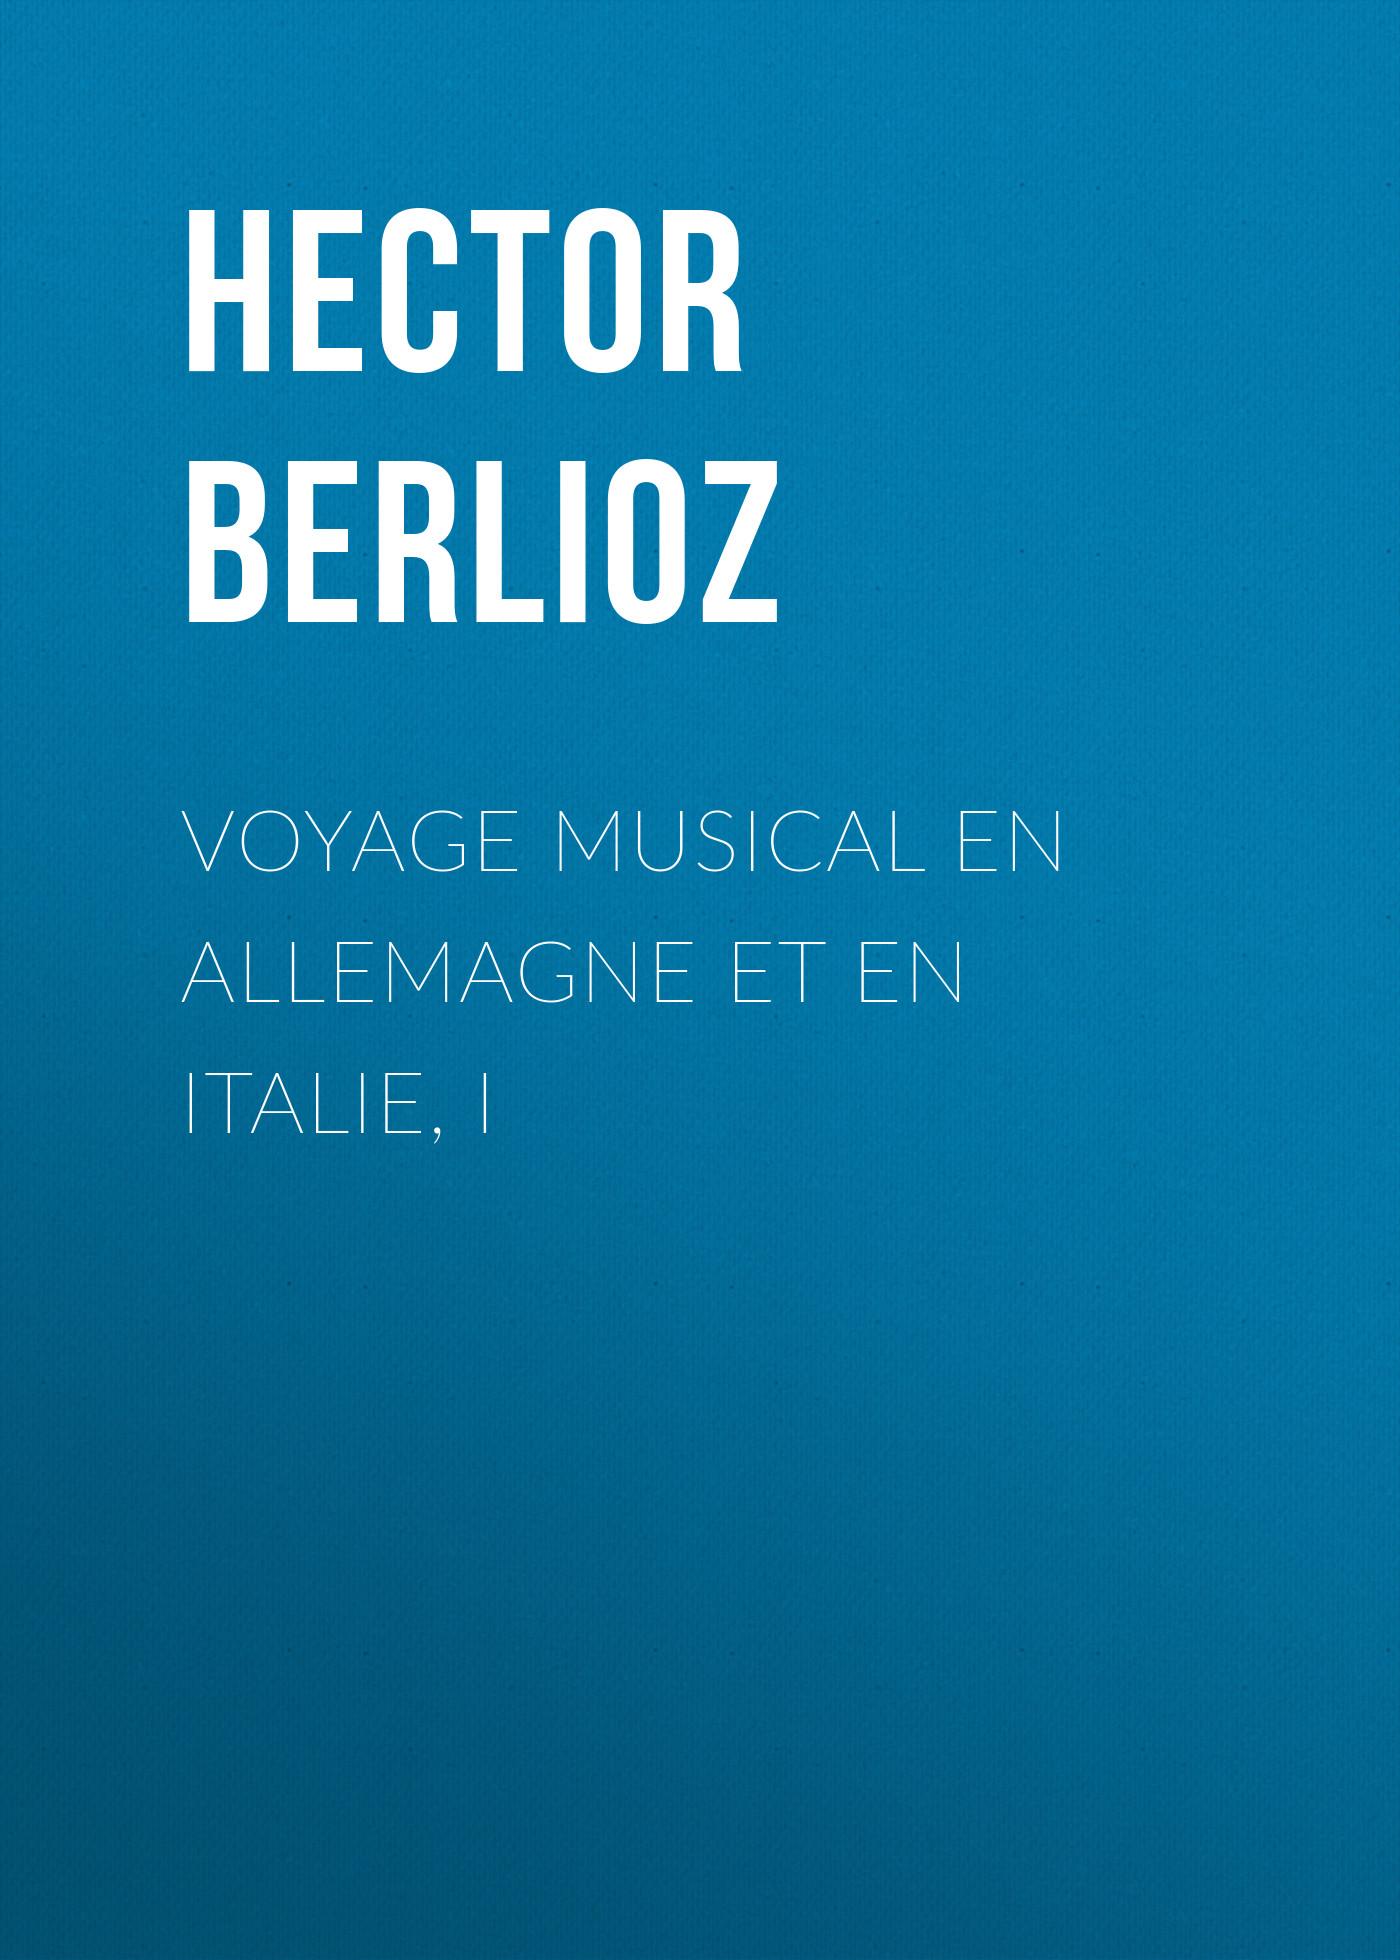 Hector Berlioz Voyage musical en Allemagne et en Italie, I victor de jouy l hermite en italie t 2